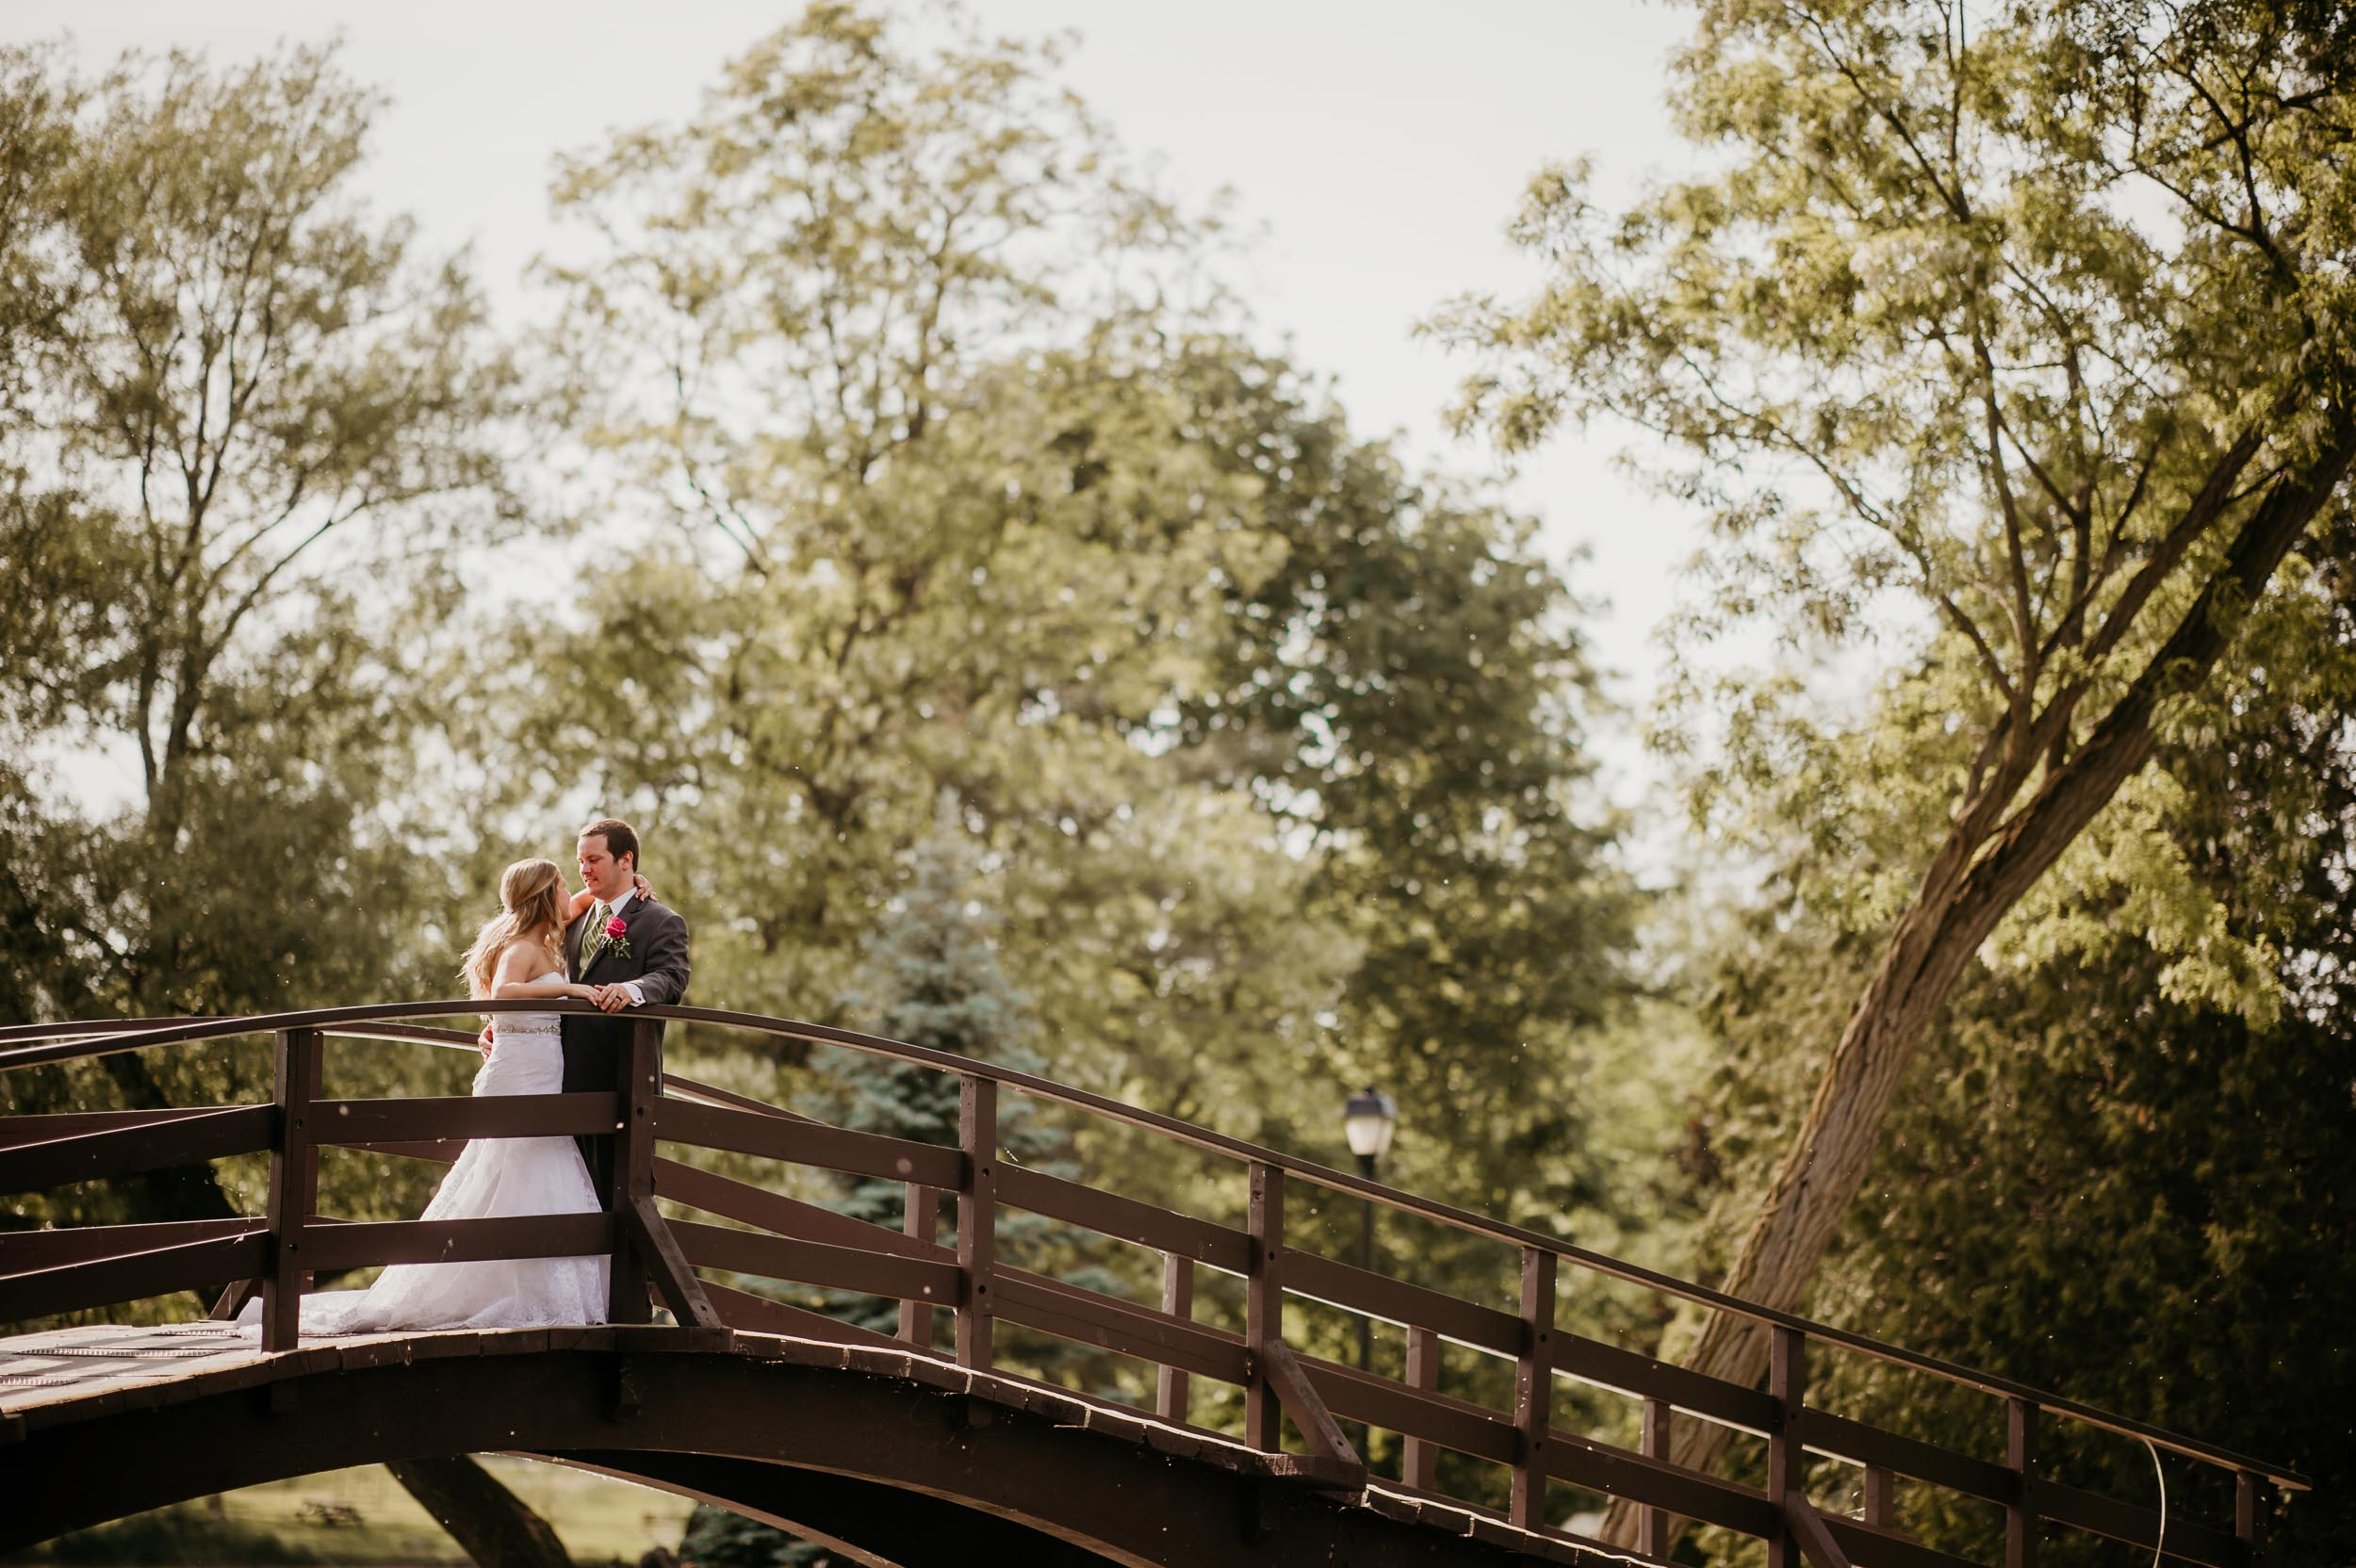 wedding-photography-stratford-davidiam-176.jpg